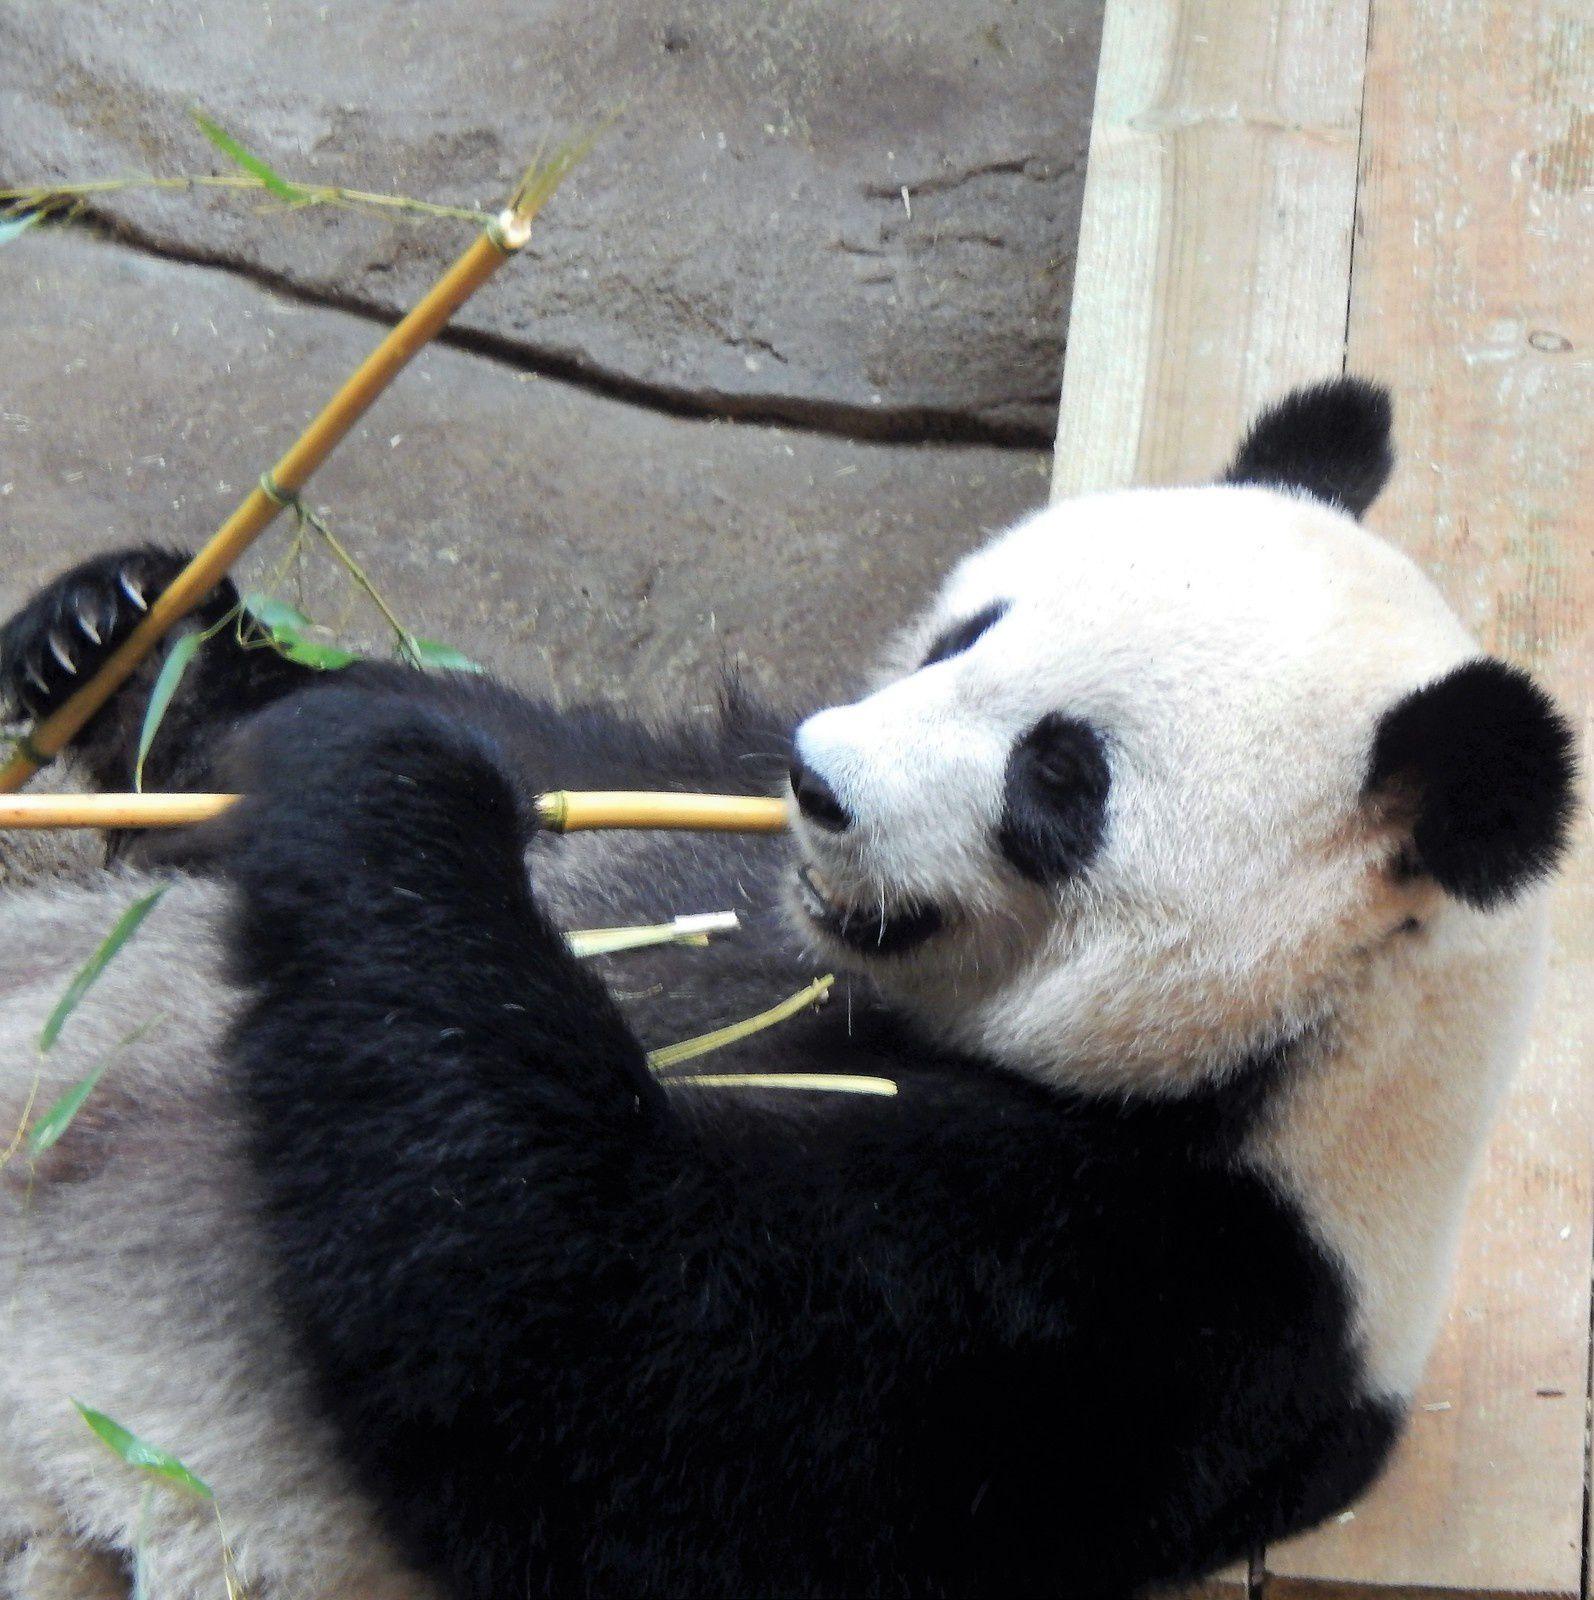 Papa panda Yuan Zi en extérieur dans son arbre - bébé panda Yuan Meng - Maman panda Huan Huan - 24 avril 2018